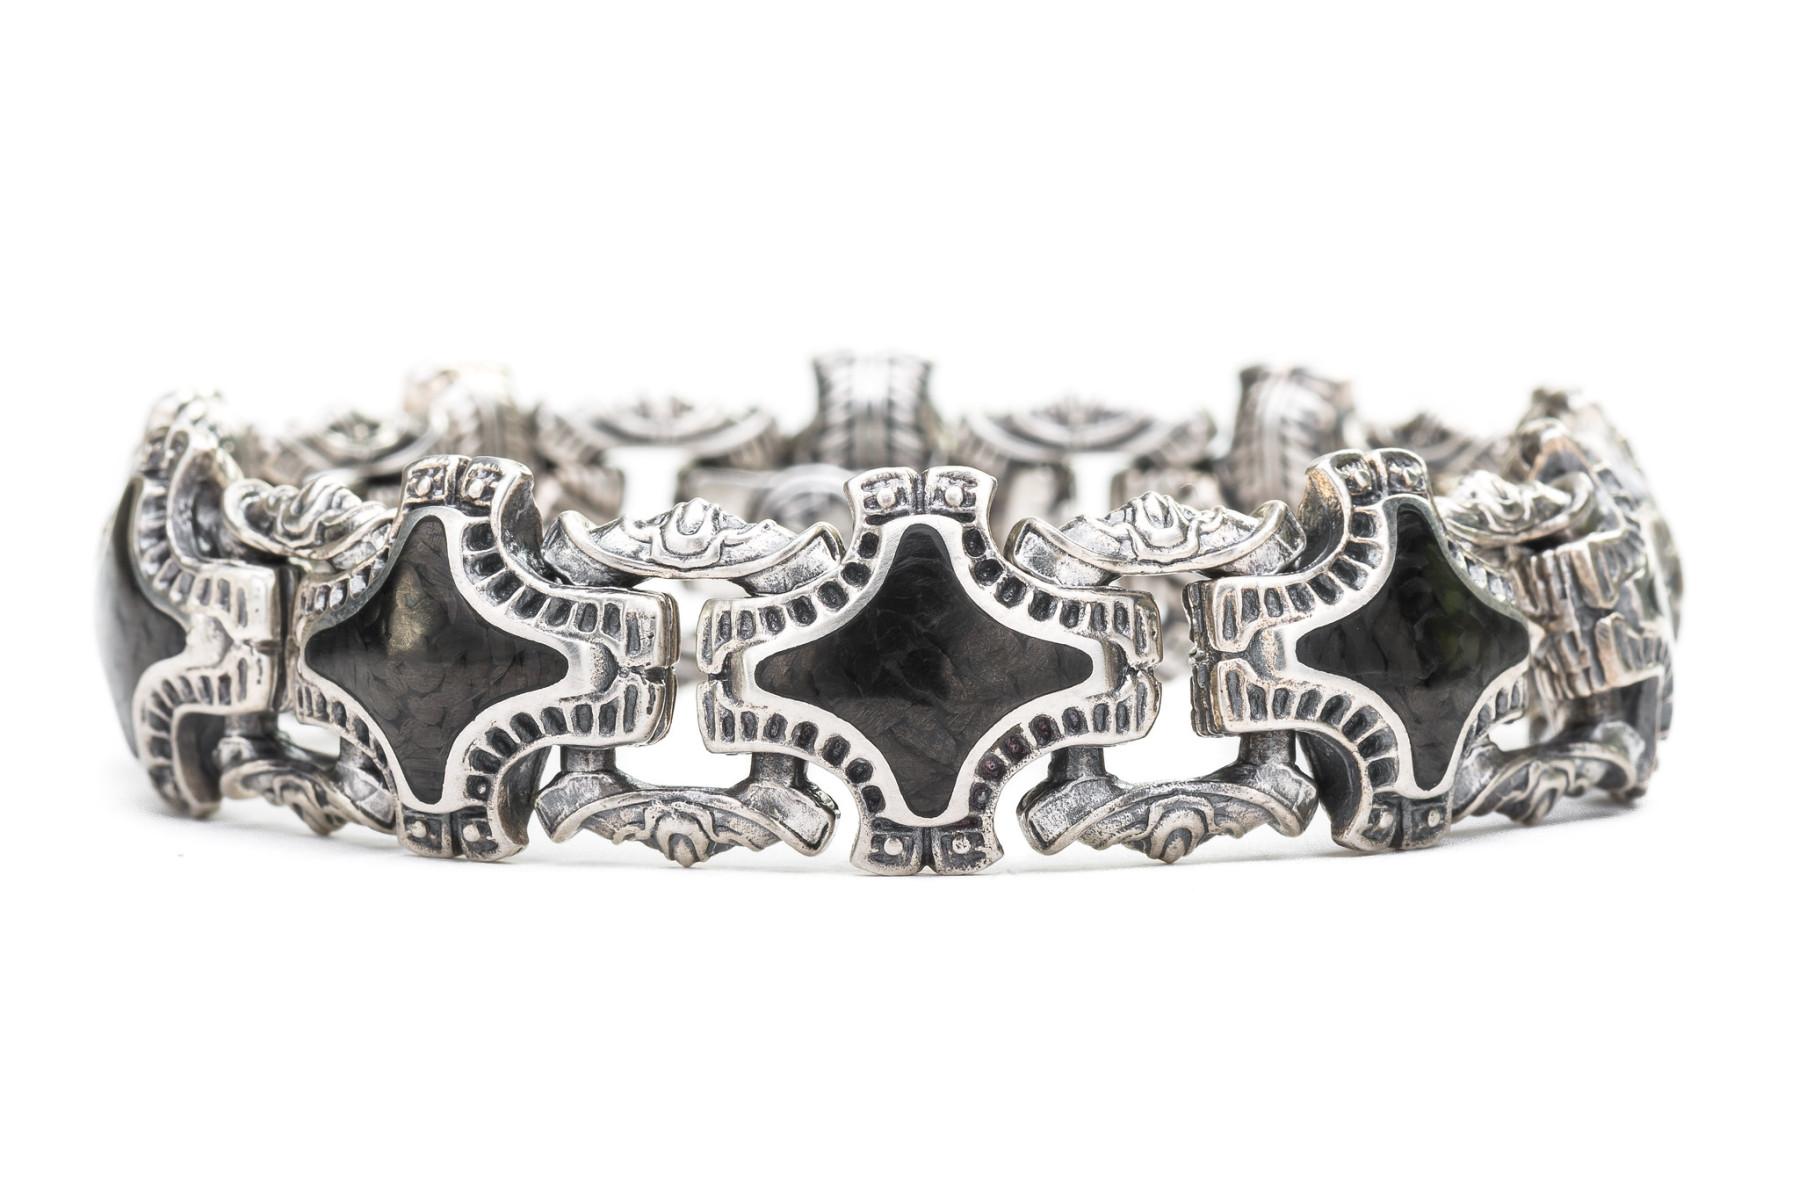 William Henry Carbon Fiber Silver Link Bracelet Front View